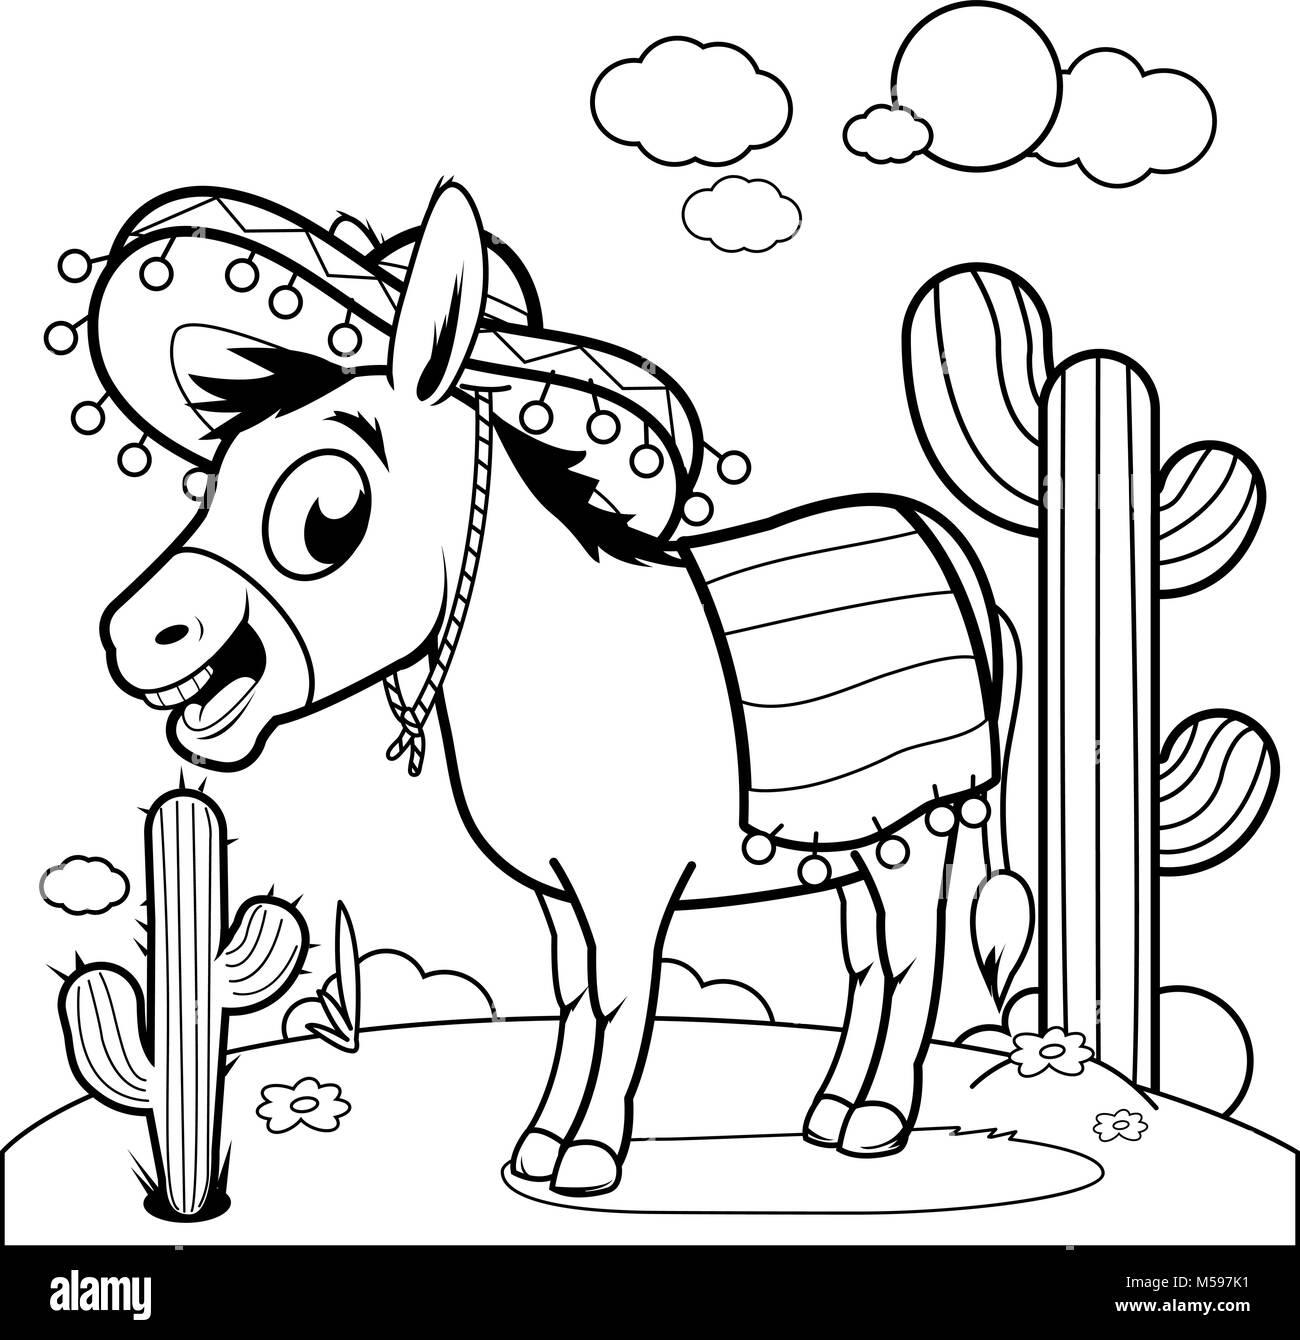 Burro Mexicano En El Desierto Libro Para Colorear De Blanco Y Negro